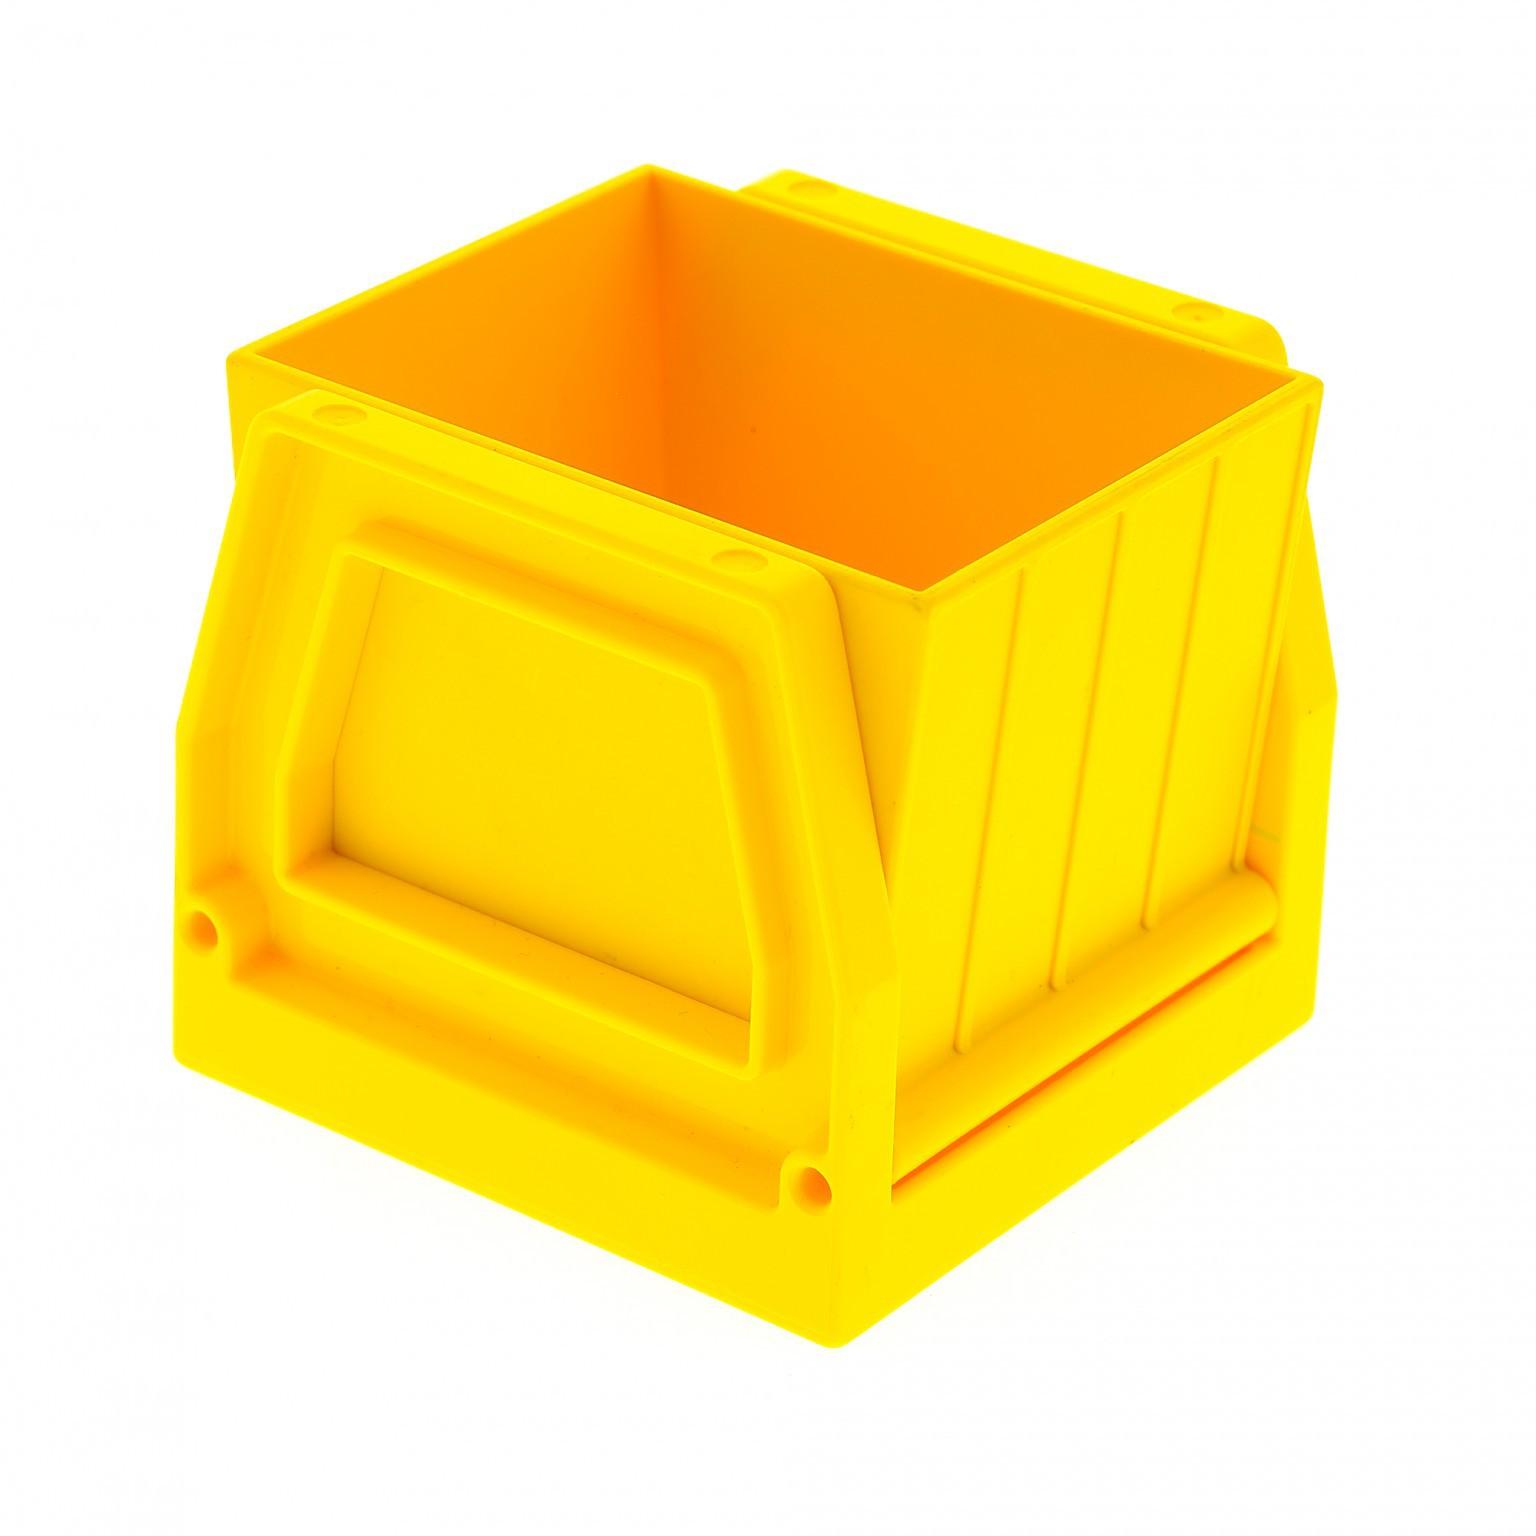 1x Lego Duplo Eisenbahn Aufsatz rot Zug Container rot Schütte Waggon 31301 31303